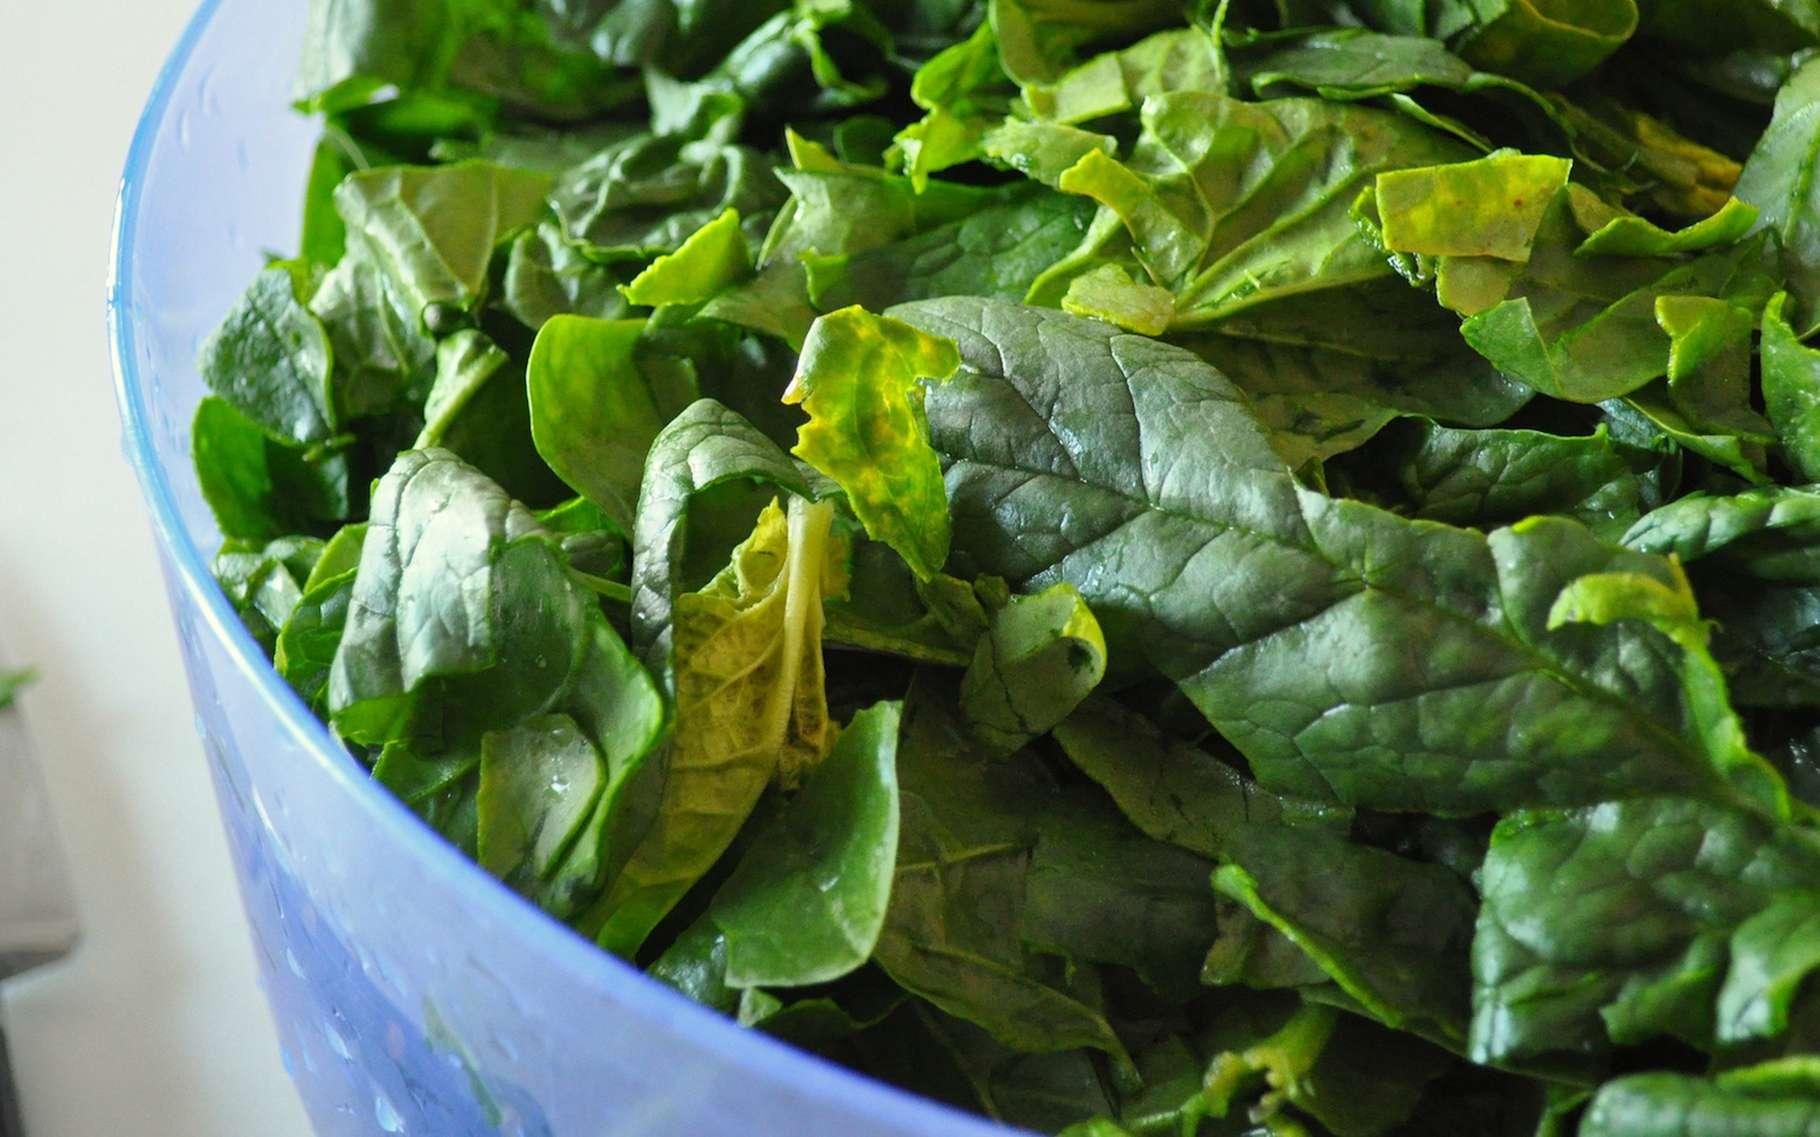 Les épinards sont riches en fer, en antioxydants, en vitamines et en minéraux. Ils sont excellents pour la santé. Et avec une dose de nanotubes de carbone en plus, ils pourraient devenir aussi d'excellents détecteurs d'explosifs! © Frédérique Voisin-Demery, Flickr, CC by 2.0